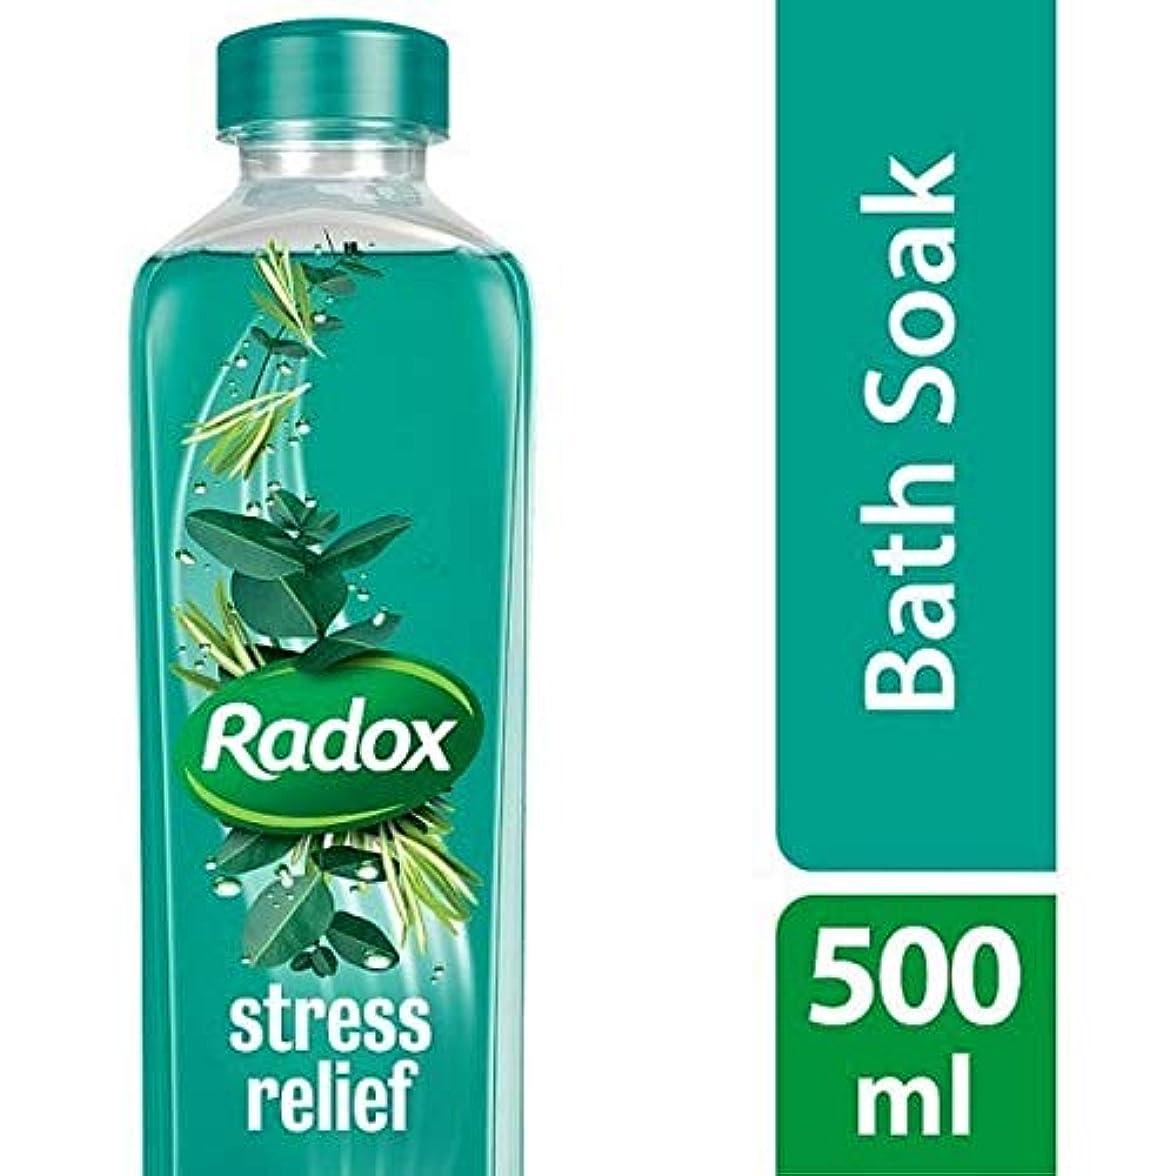 広告因子レキシコン[Radox] Radoxは、500ミリリットルのソーク良い香りストレスリリーフ風呂を感じます - Radox Feel Good Fragrance Stress Relief Bath Soak 500ml [並行輸入品]